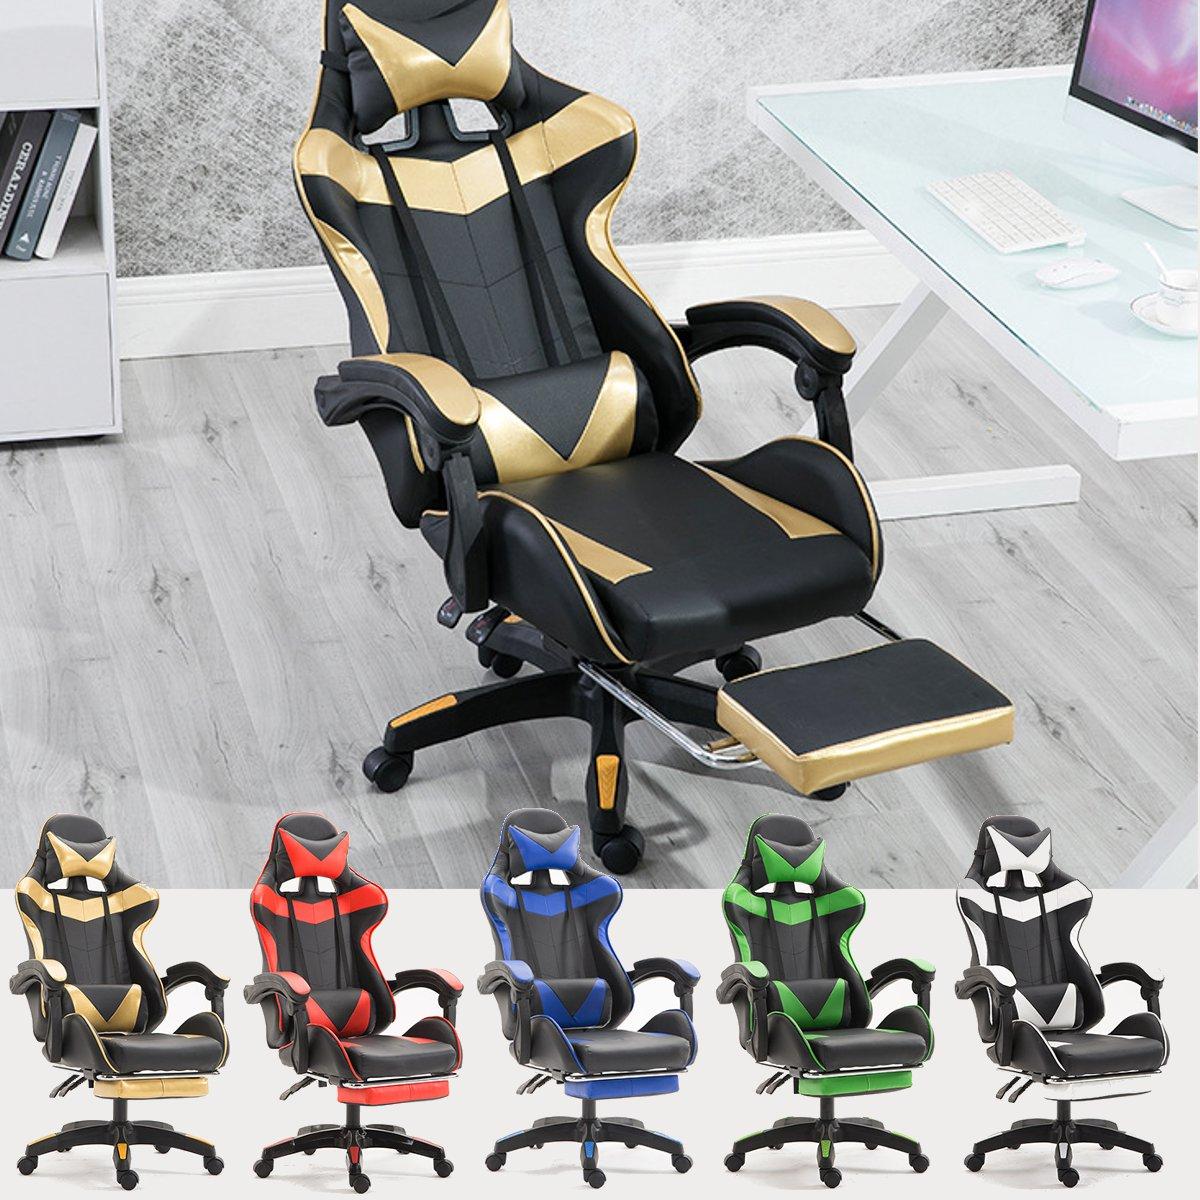 5 色 Pu レザーレースゲームチェアオフィスハイバック人間工学とリクライニングフットレストプロコンピュータ椅子の家具